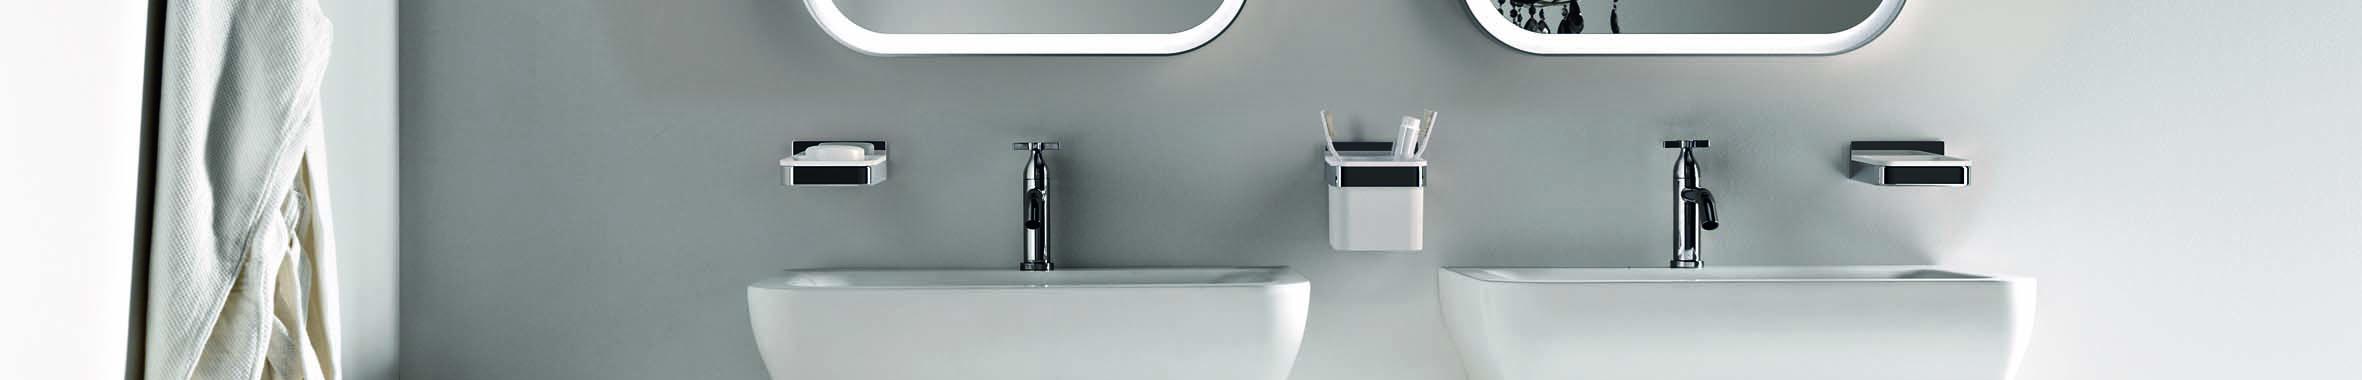 Accesorios de baño - Foncalclima. Fontanería y calefacción ...